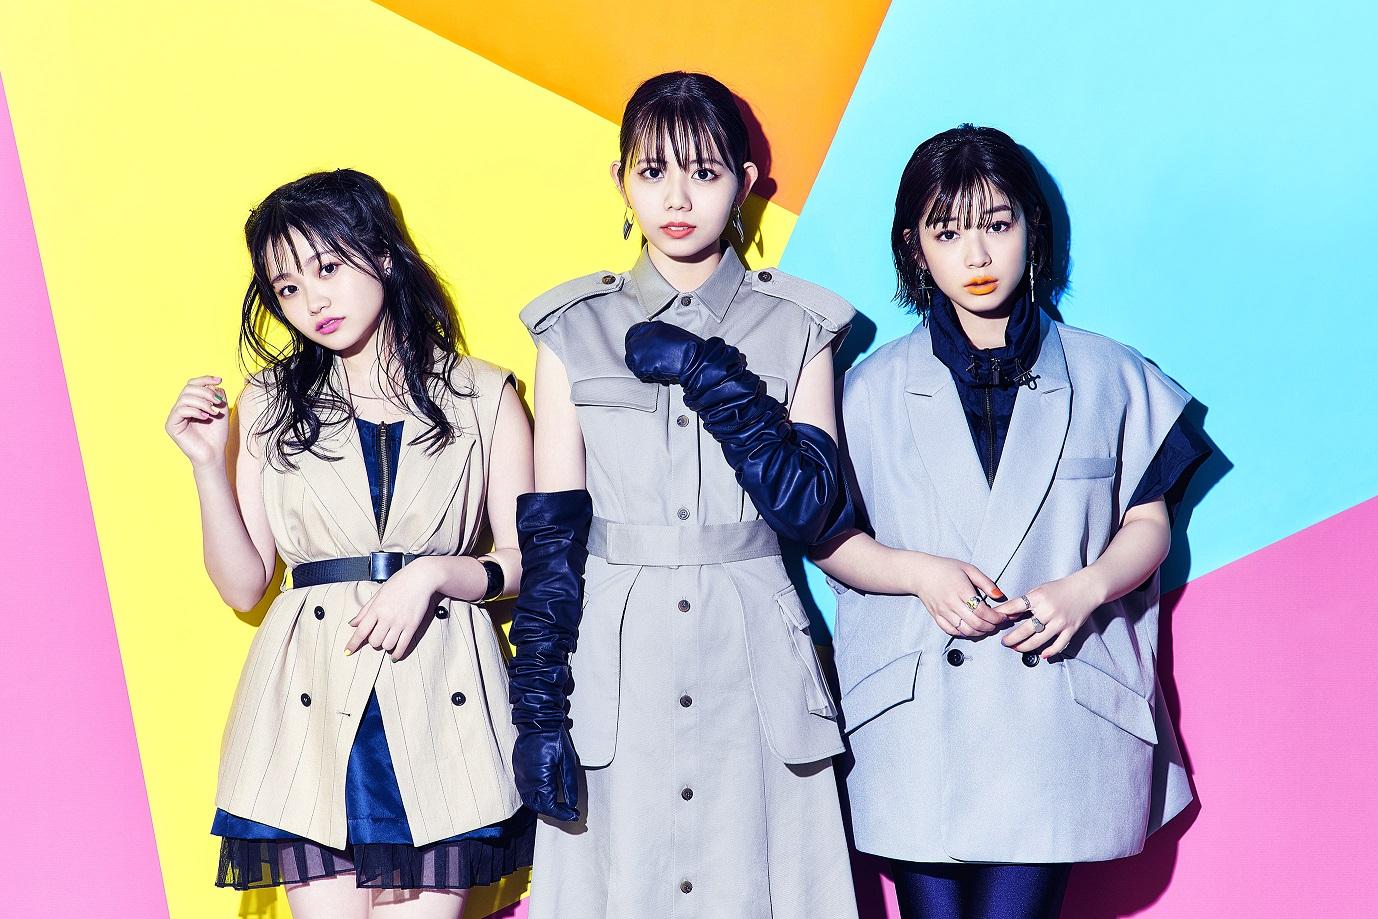 ONEPIXCELが4thシングル「Final Call」のMVを公開! 5月15日には発売を記念したLINE LIVEも